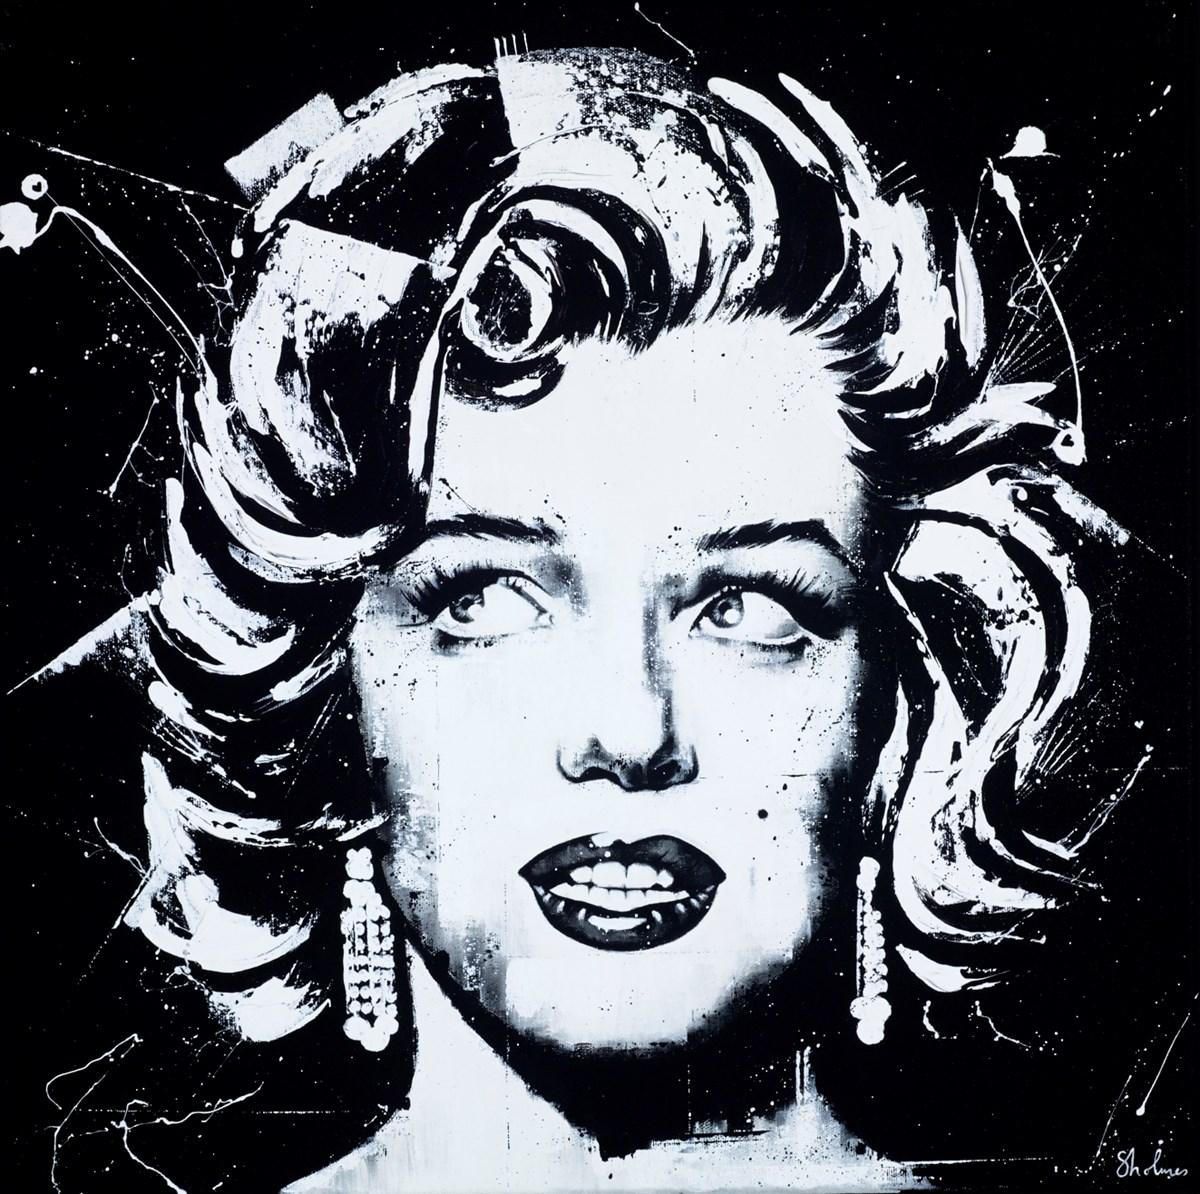 Marilyn IV by Sarah Holmes